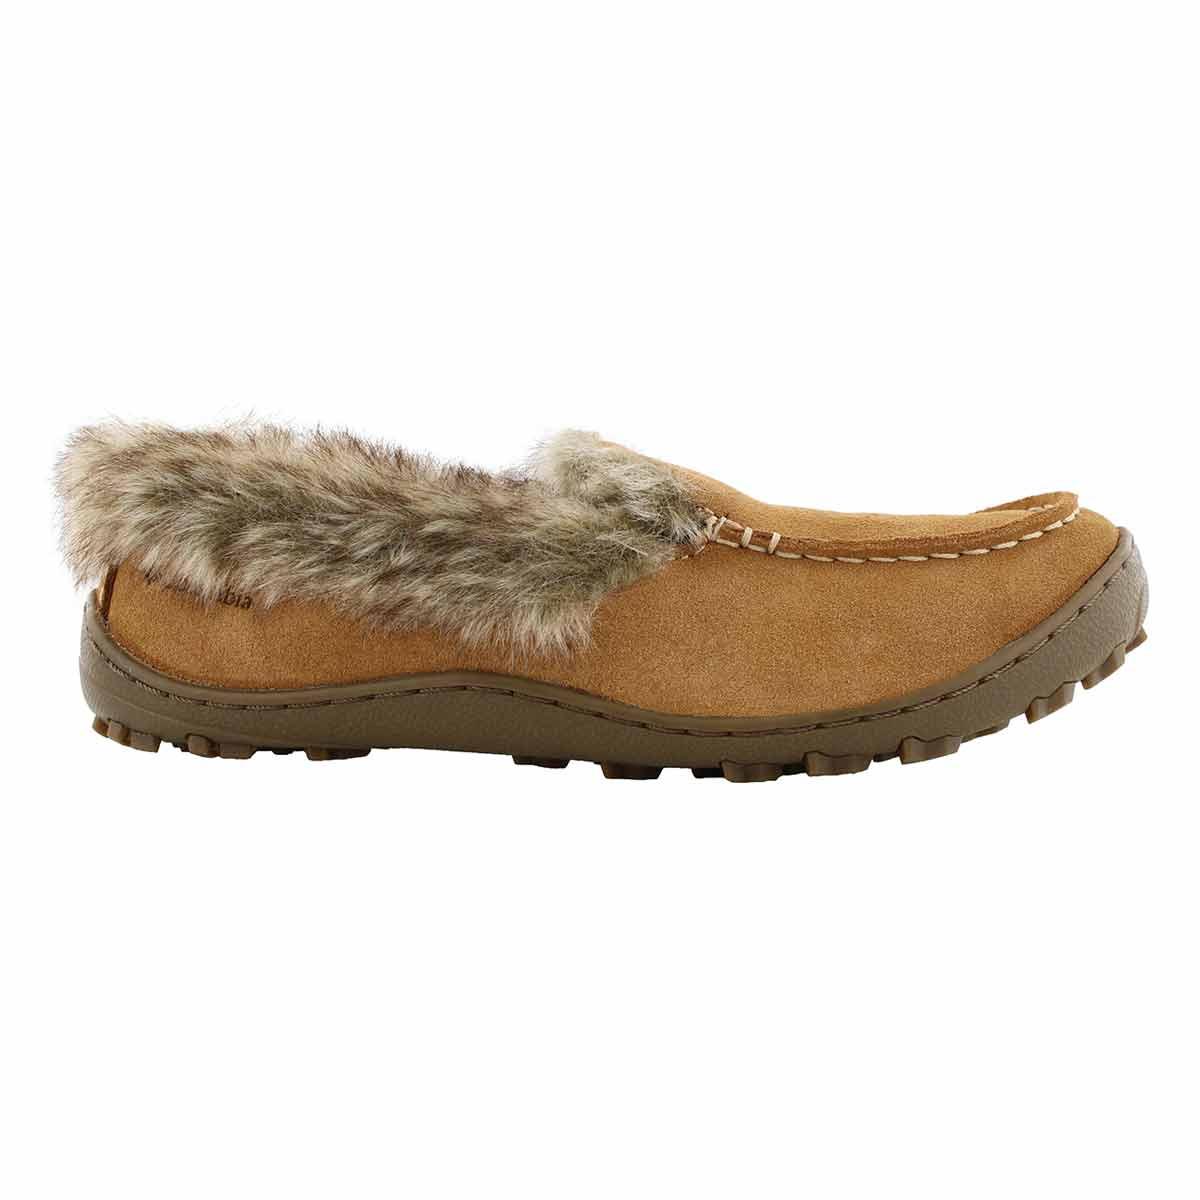 Lds Minx OmniHeat elk shoe